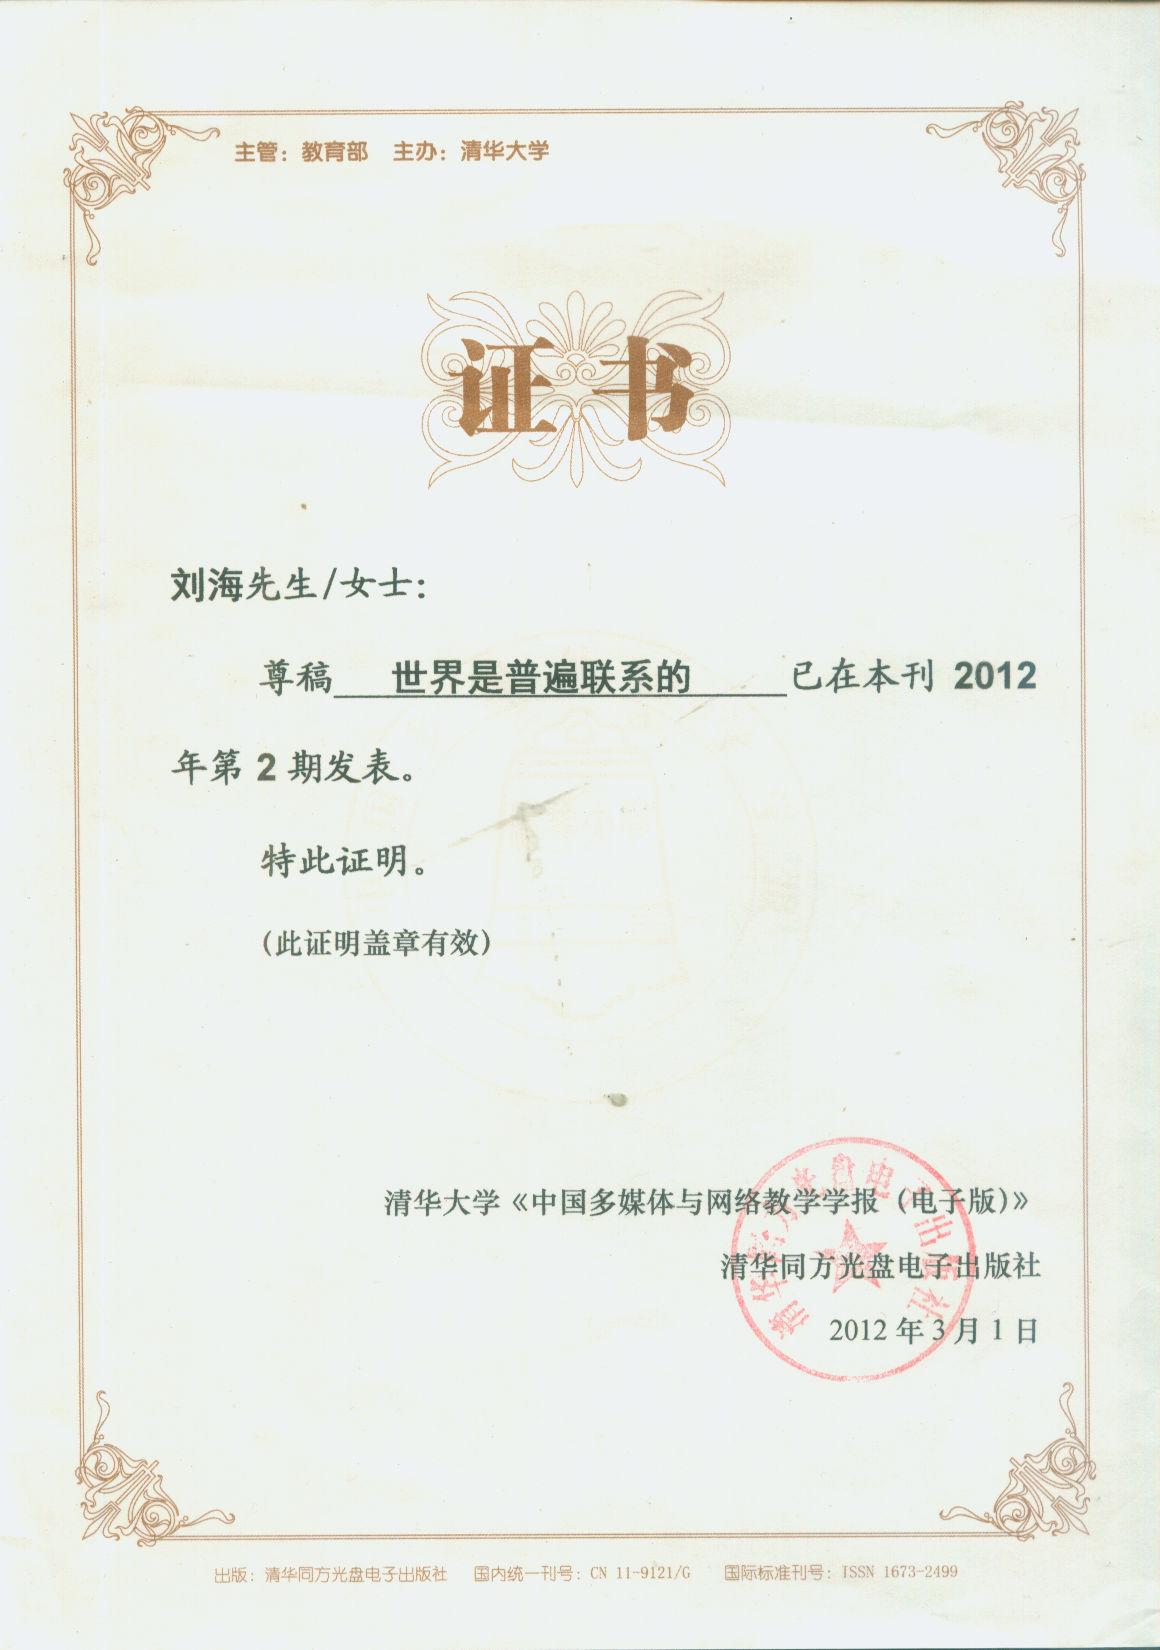 《世界是普遍联系的》教案、学案和课件发表于《中国多媒体与网络教学学报(电子版)》2012年第2期